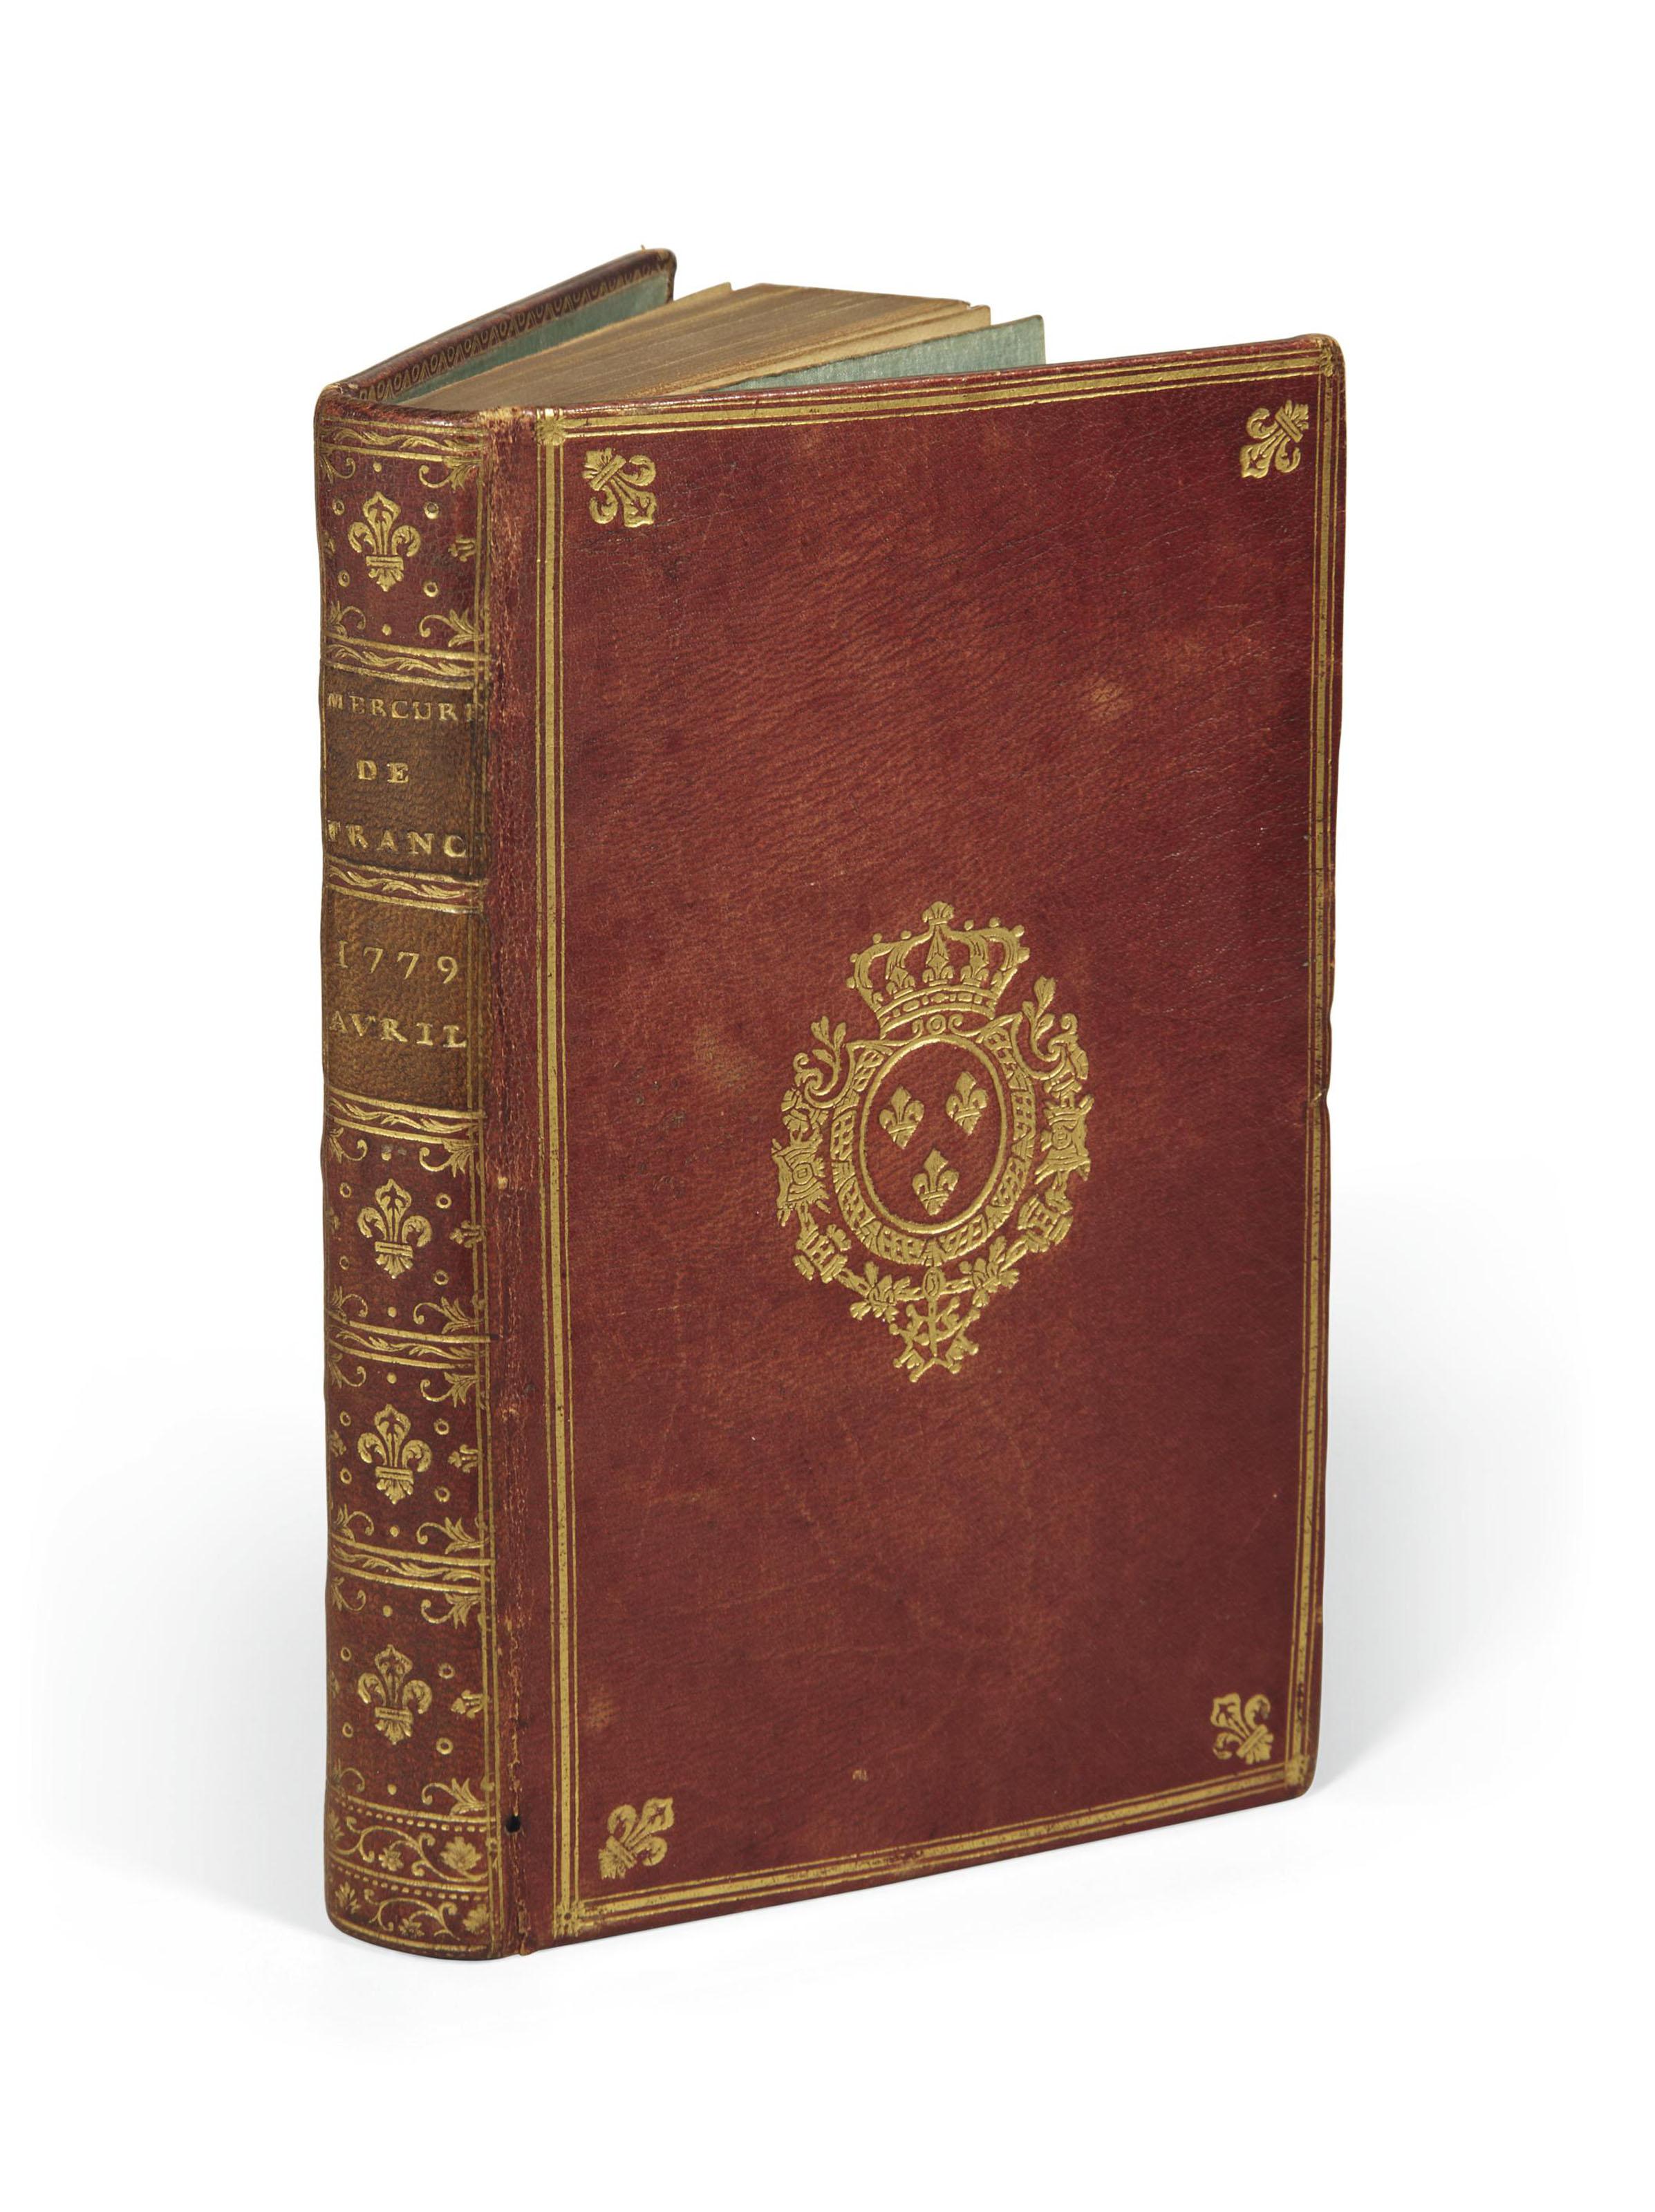 MERCURE DE FRANCE, dédié au Roi, par une société de gens de lettres. Livraisons d'avril 1779. Paris: Panckoucke [1779].